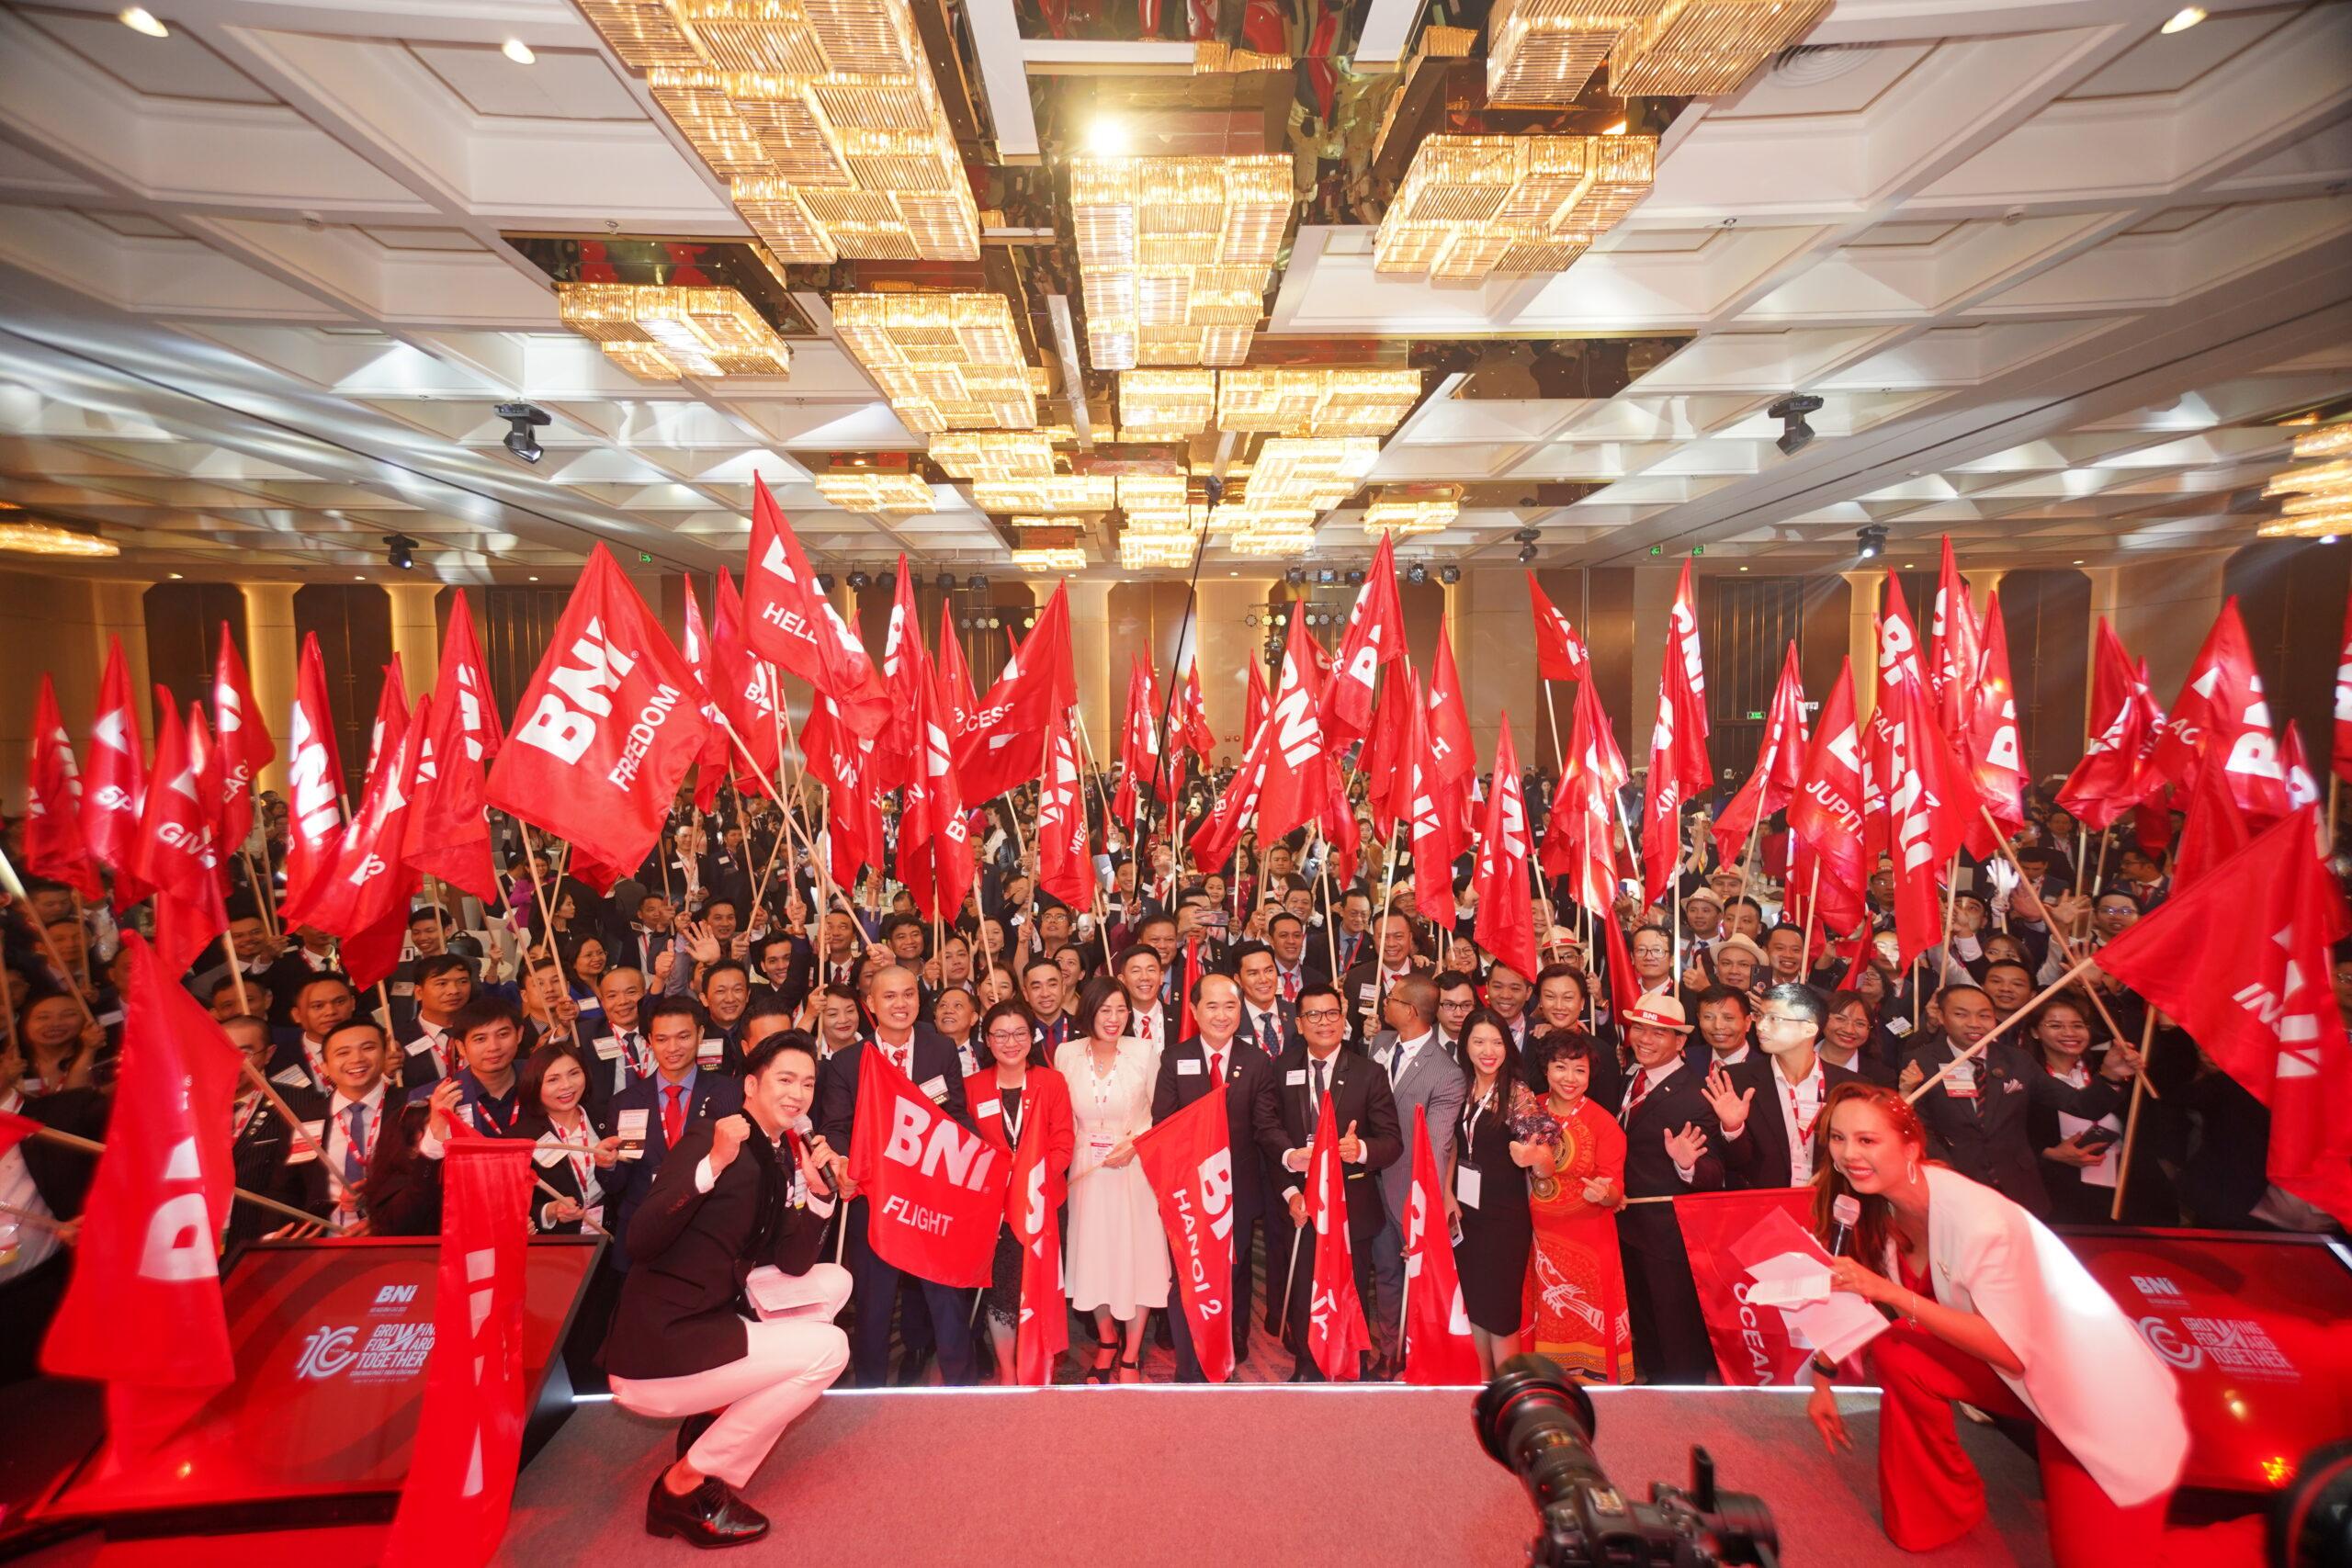 Gần 5,000 thành viên BNI tham gia sự kiện Hội ngộ Đỉnh cao 2020, diễn ra trong hai ngày 9-10/10/2020 tại Vinpearl Luxury, Landmark 81, Tp.HCM.